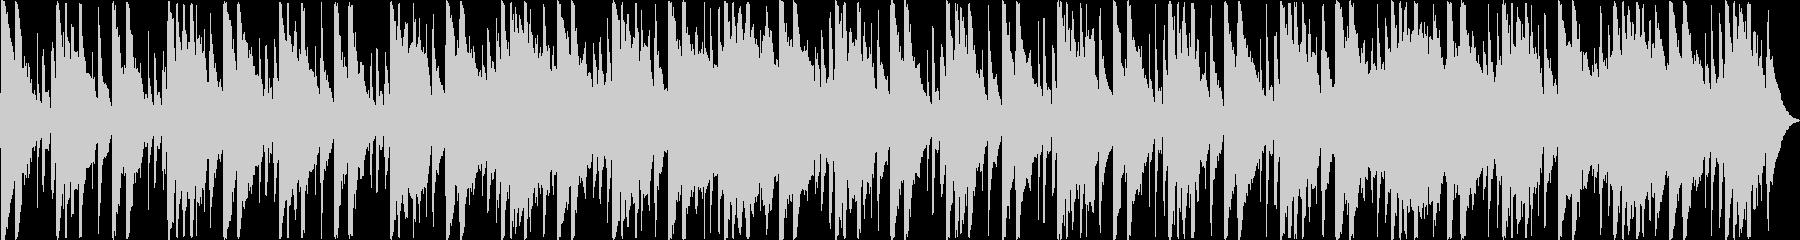 和楽器で構成された祭り囃子の未再生の波形